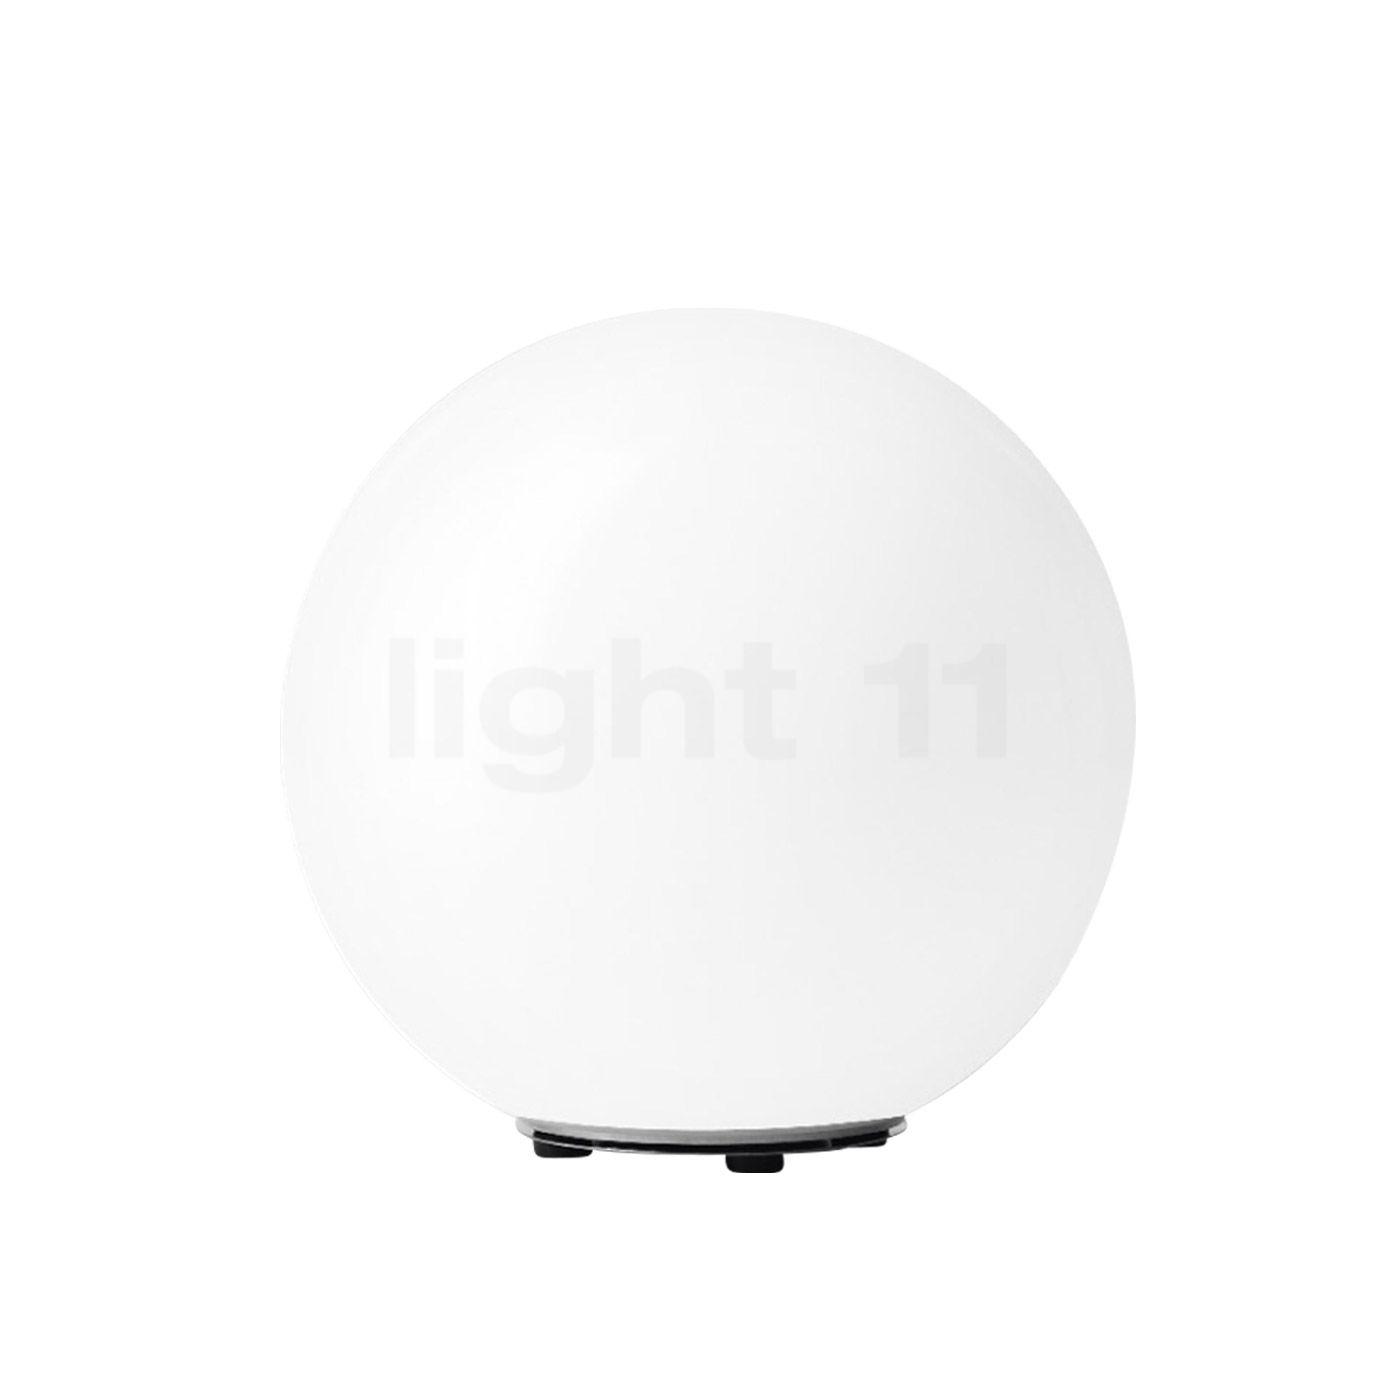 Bega 55015 - flexible Gartenleuchte ø55 cm, weiß